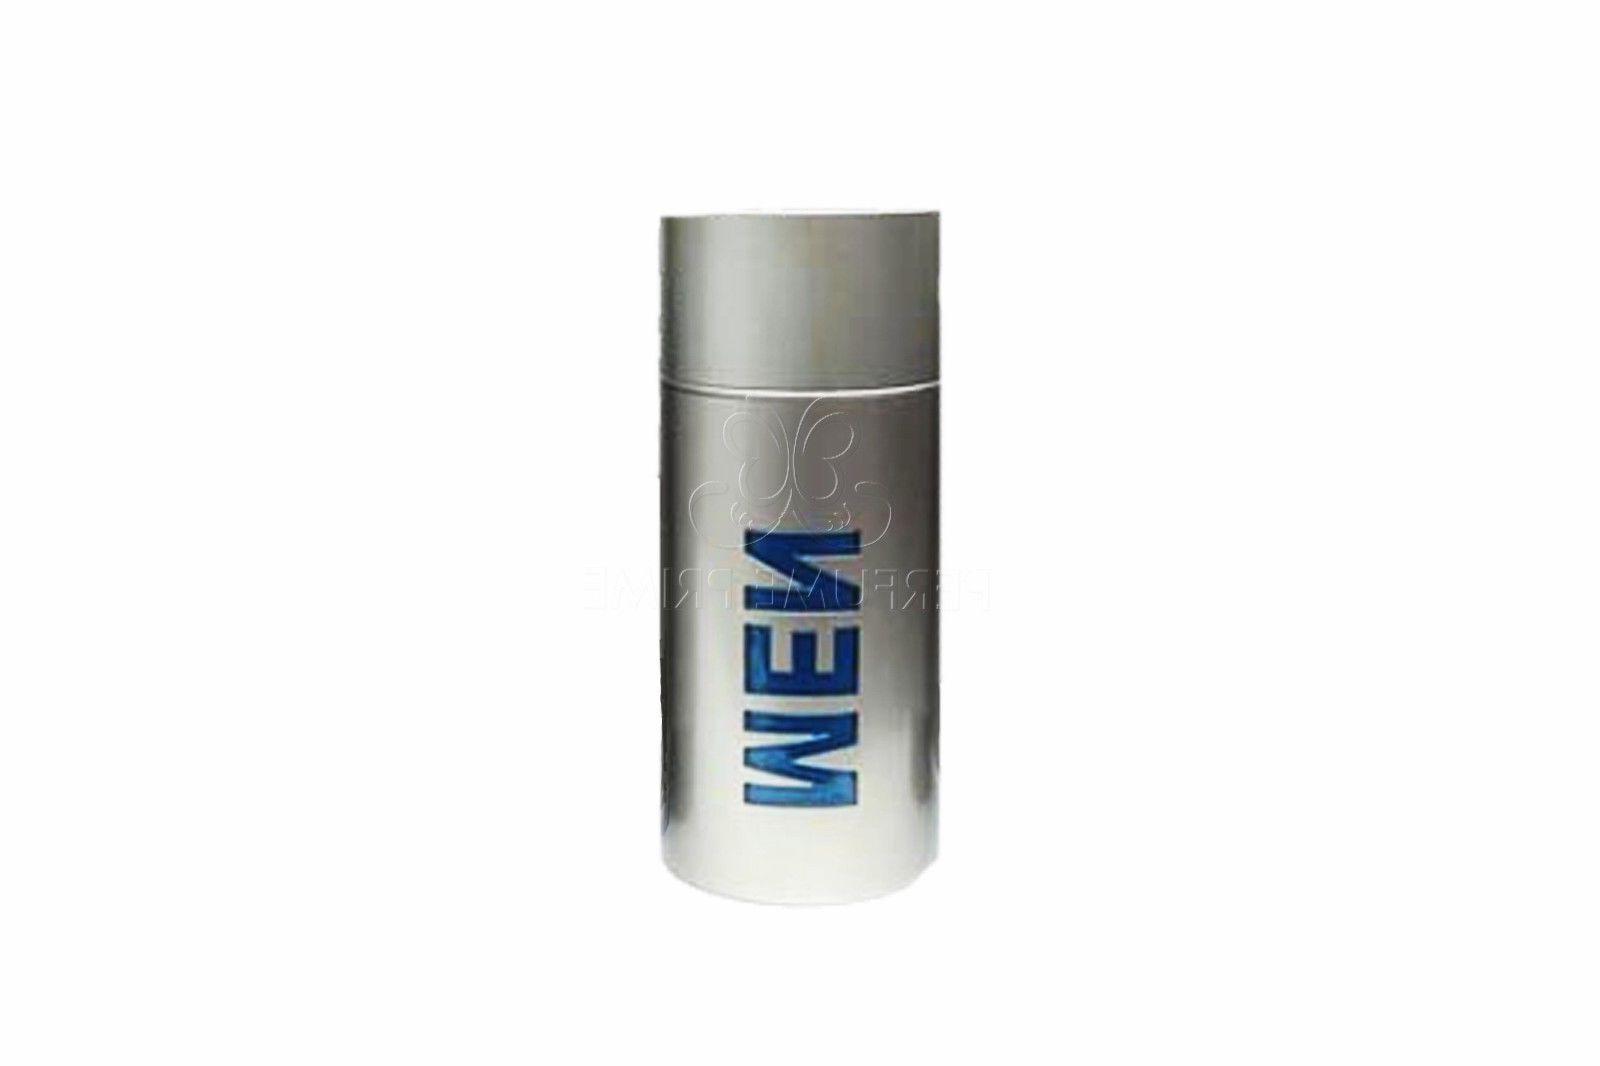 555 Men Cologne 3.4oz/100ml Eau Spray for Cologne NIB